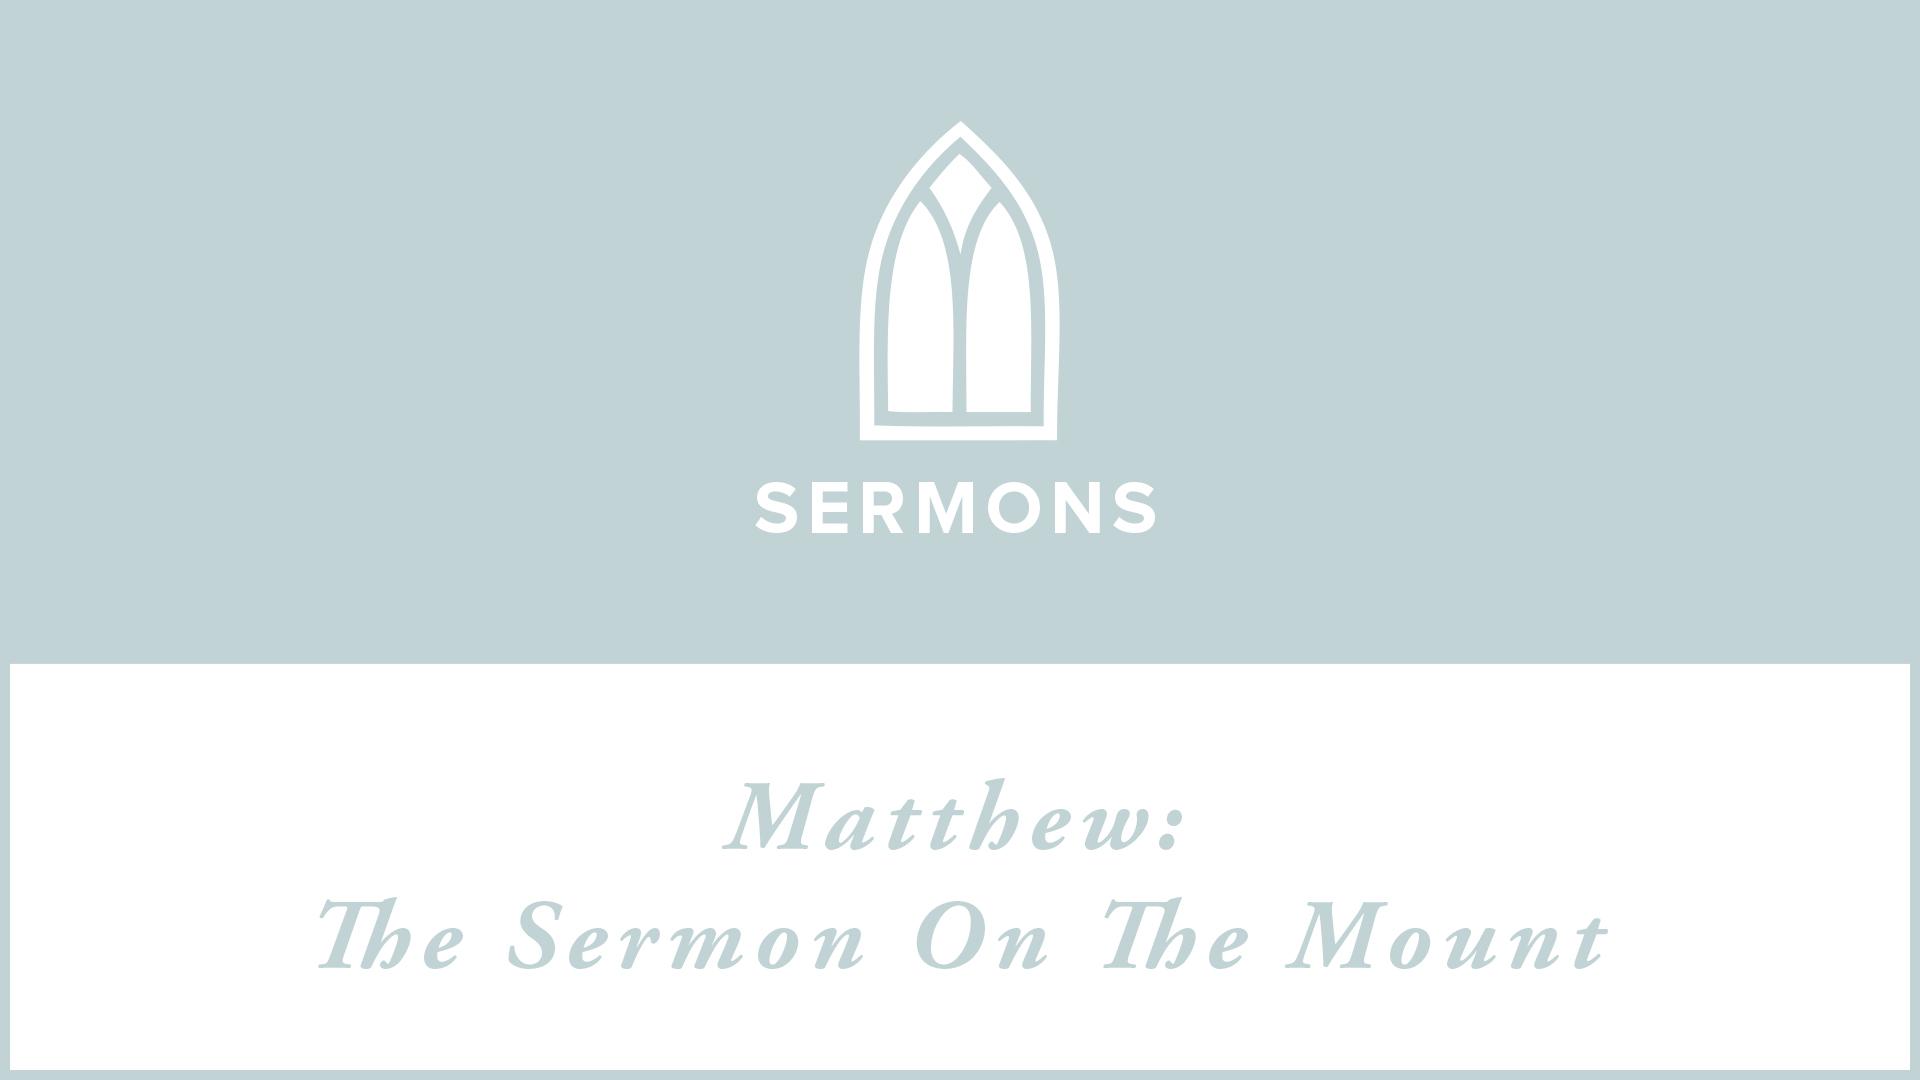 sermon-on-mount-16x9.jpg